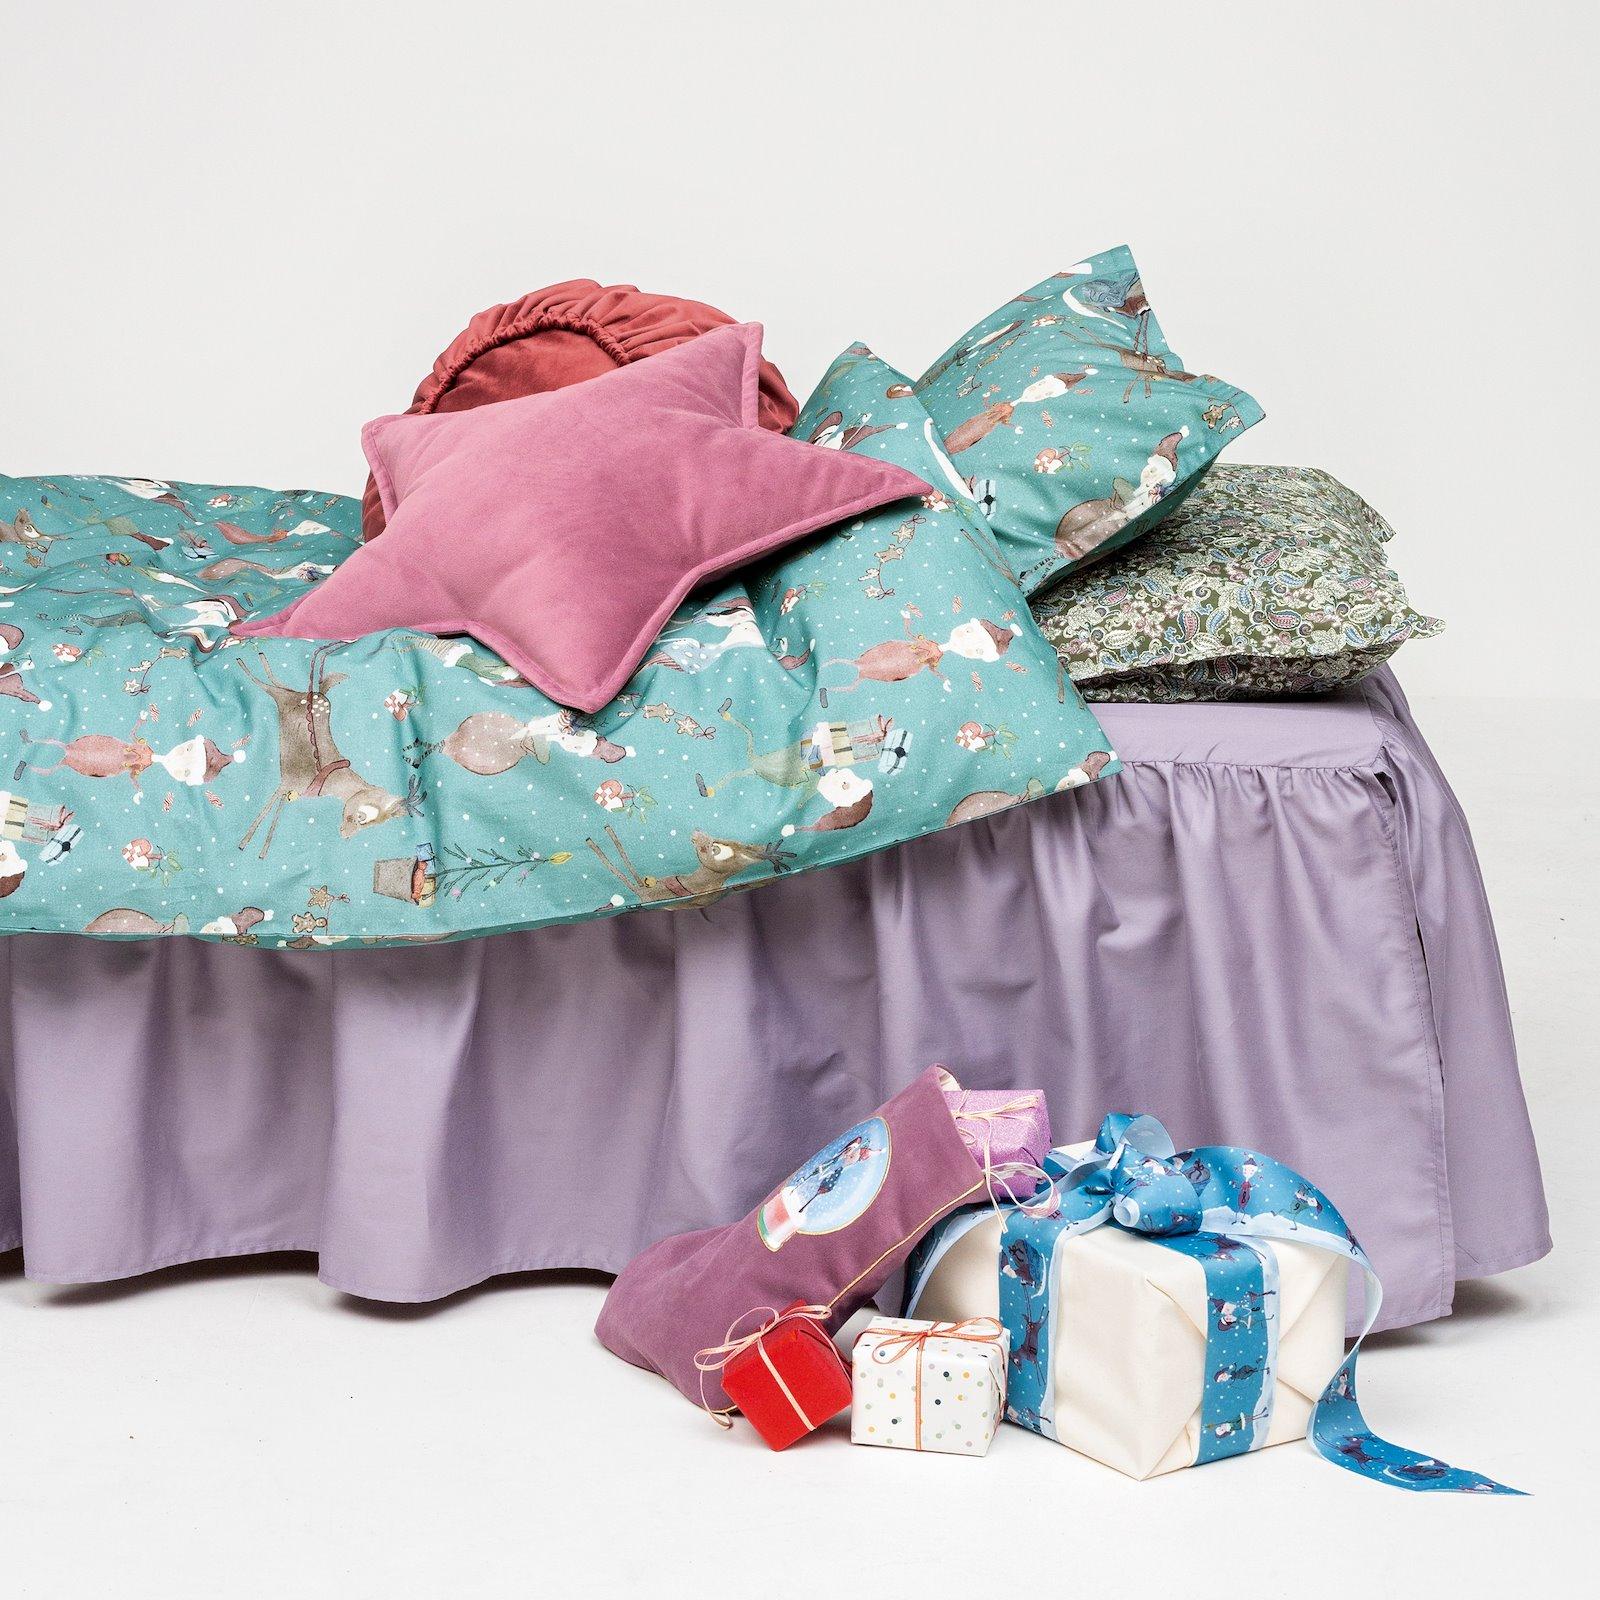 Cotton army green w paisley pattern p90076_852415_p90278_823829_p90278_823695_bundle